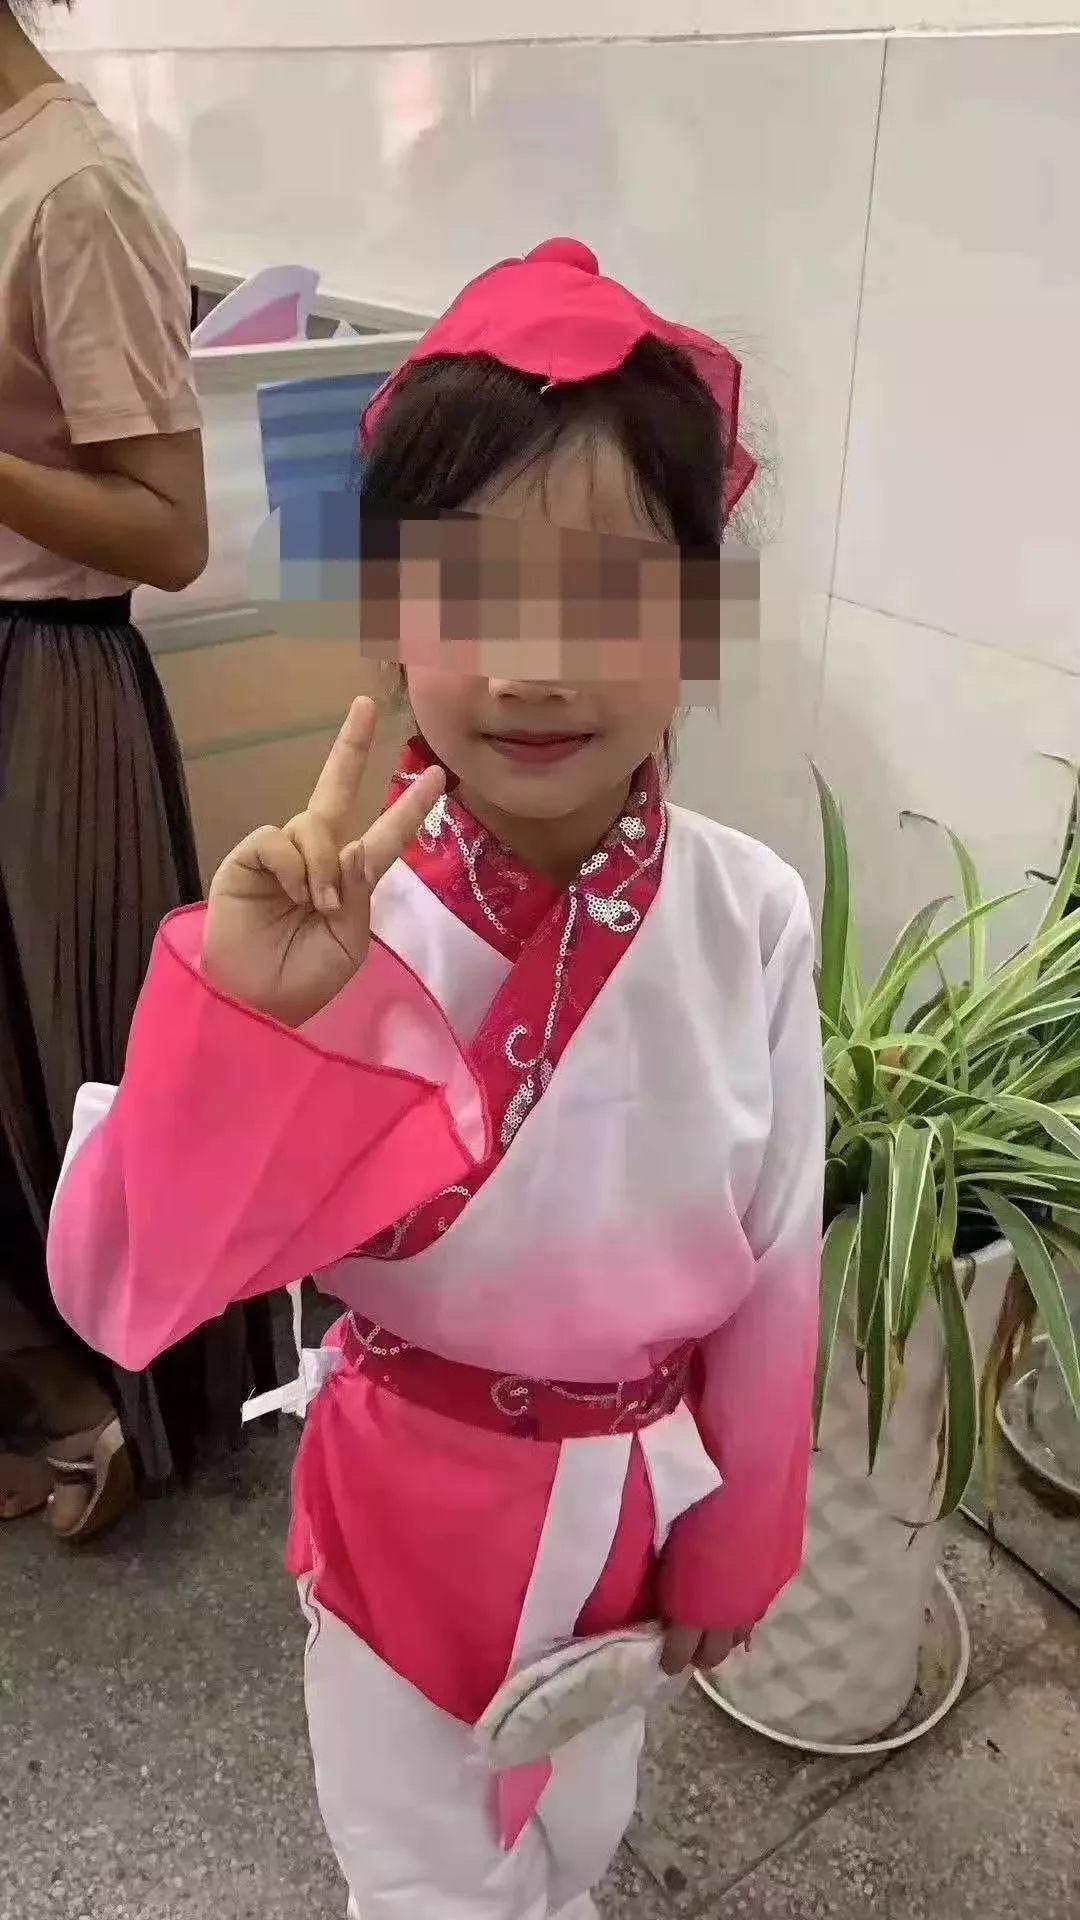 悲痛!失踪的抚州8岁女孩找到了 但已不幸遇难